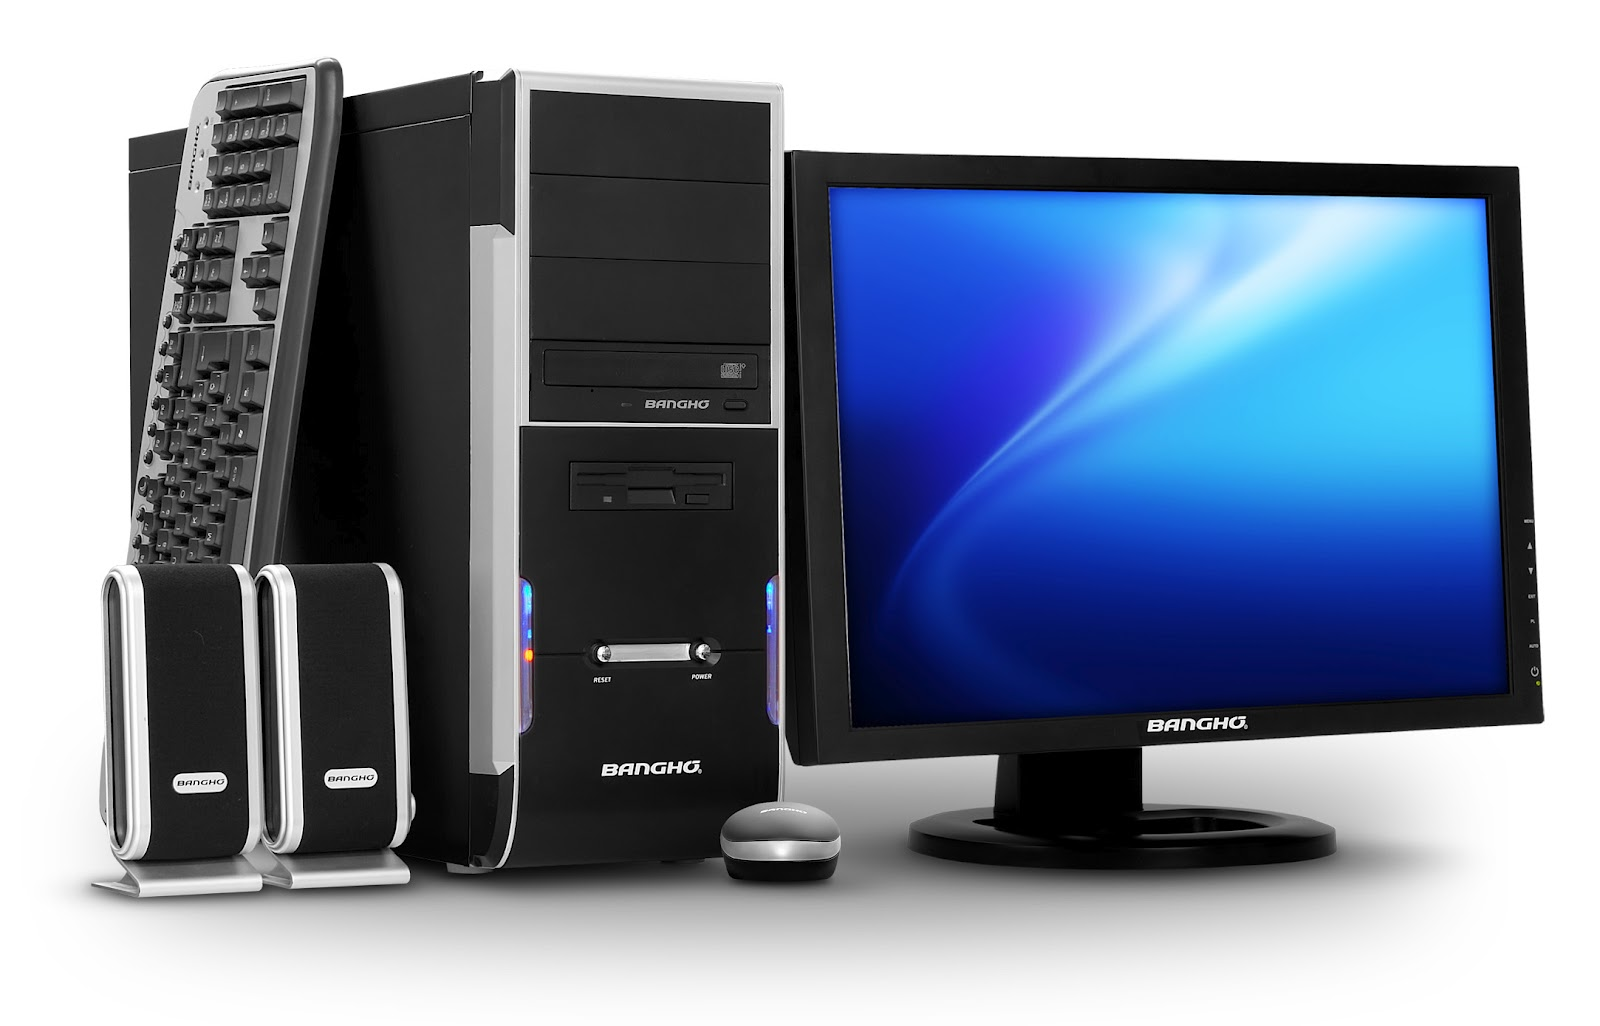 http://2.bp.blogspot.com/-KCKcjsdhv8o/T-OHOpDF5vI/AAAAAAAAAGc/9SoiM1m_0XU/s1600/PC+Monitor-LCD19-perfil%5B1%5D.jpg